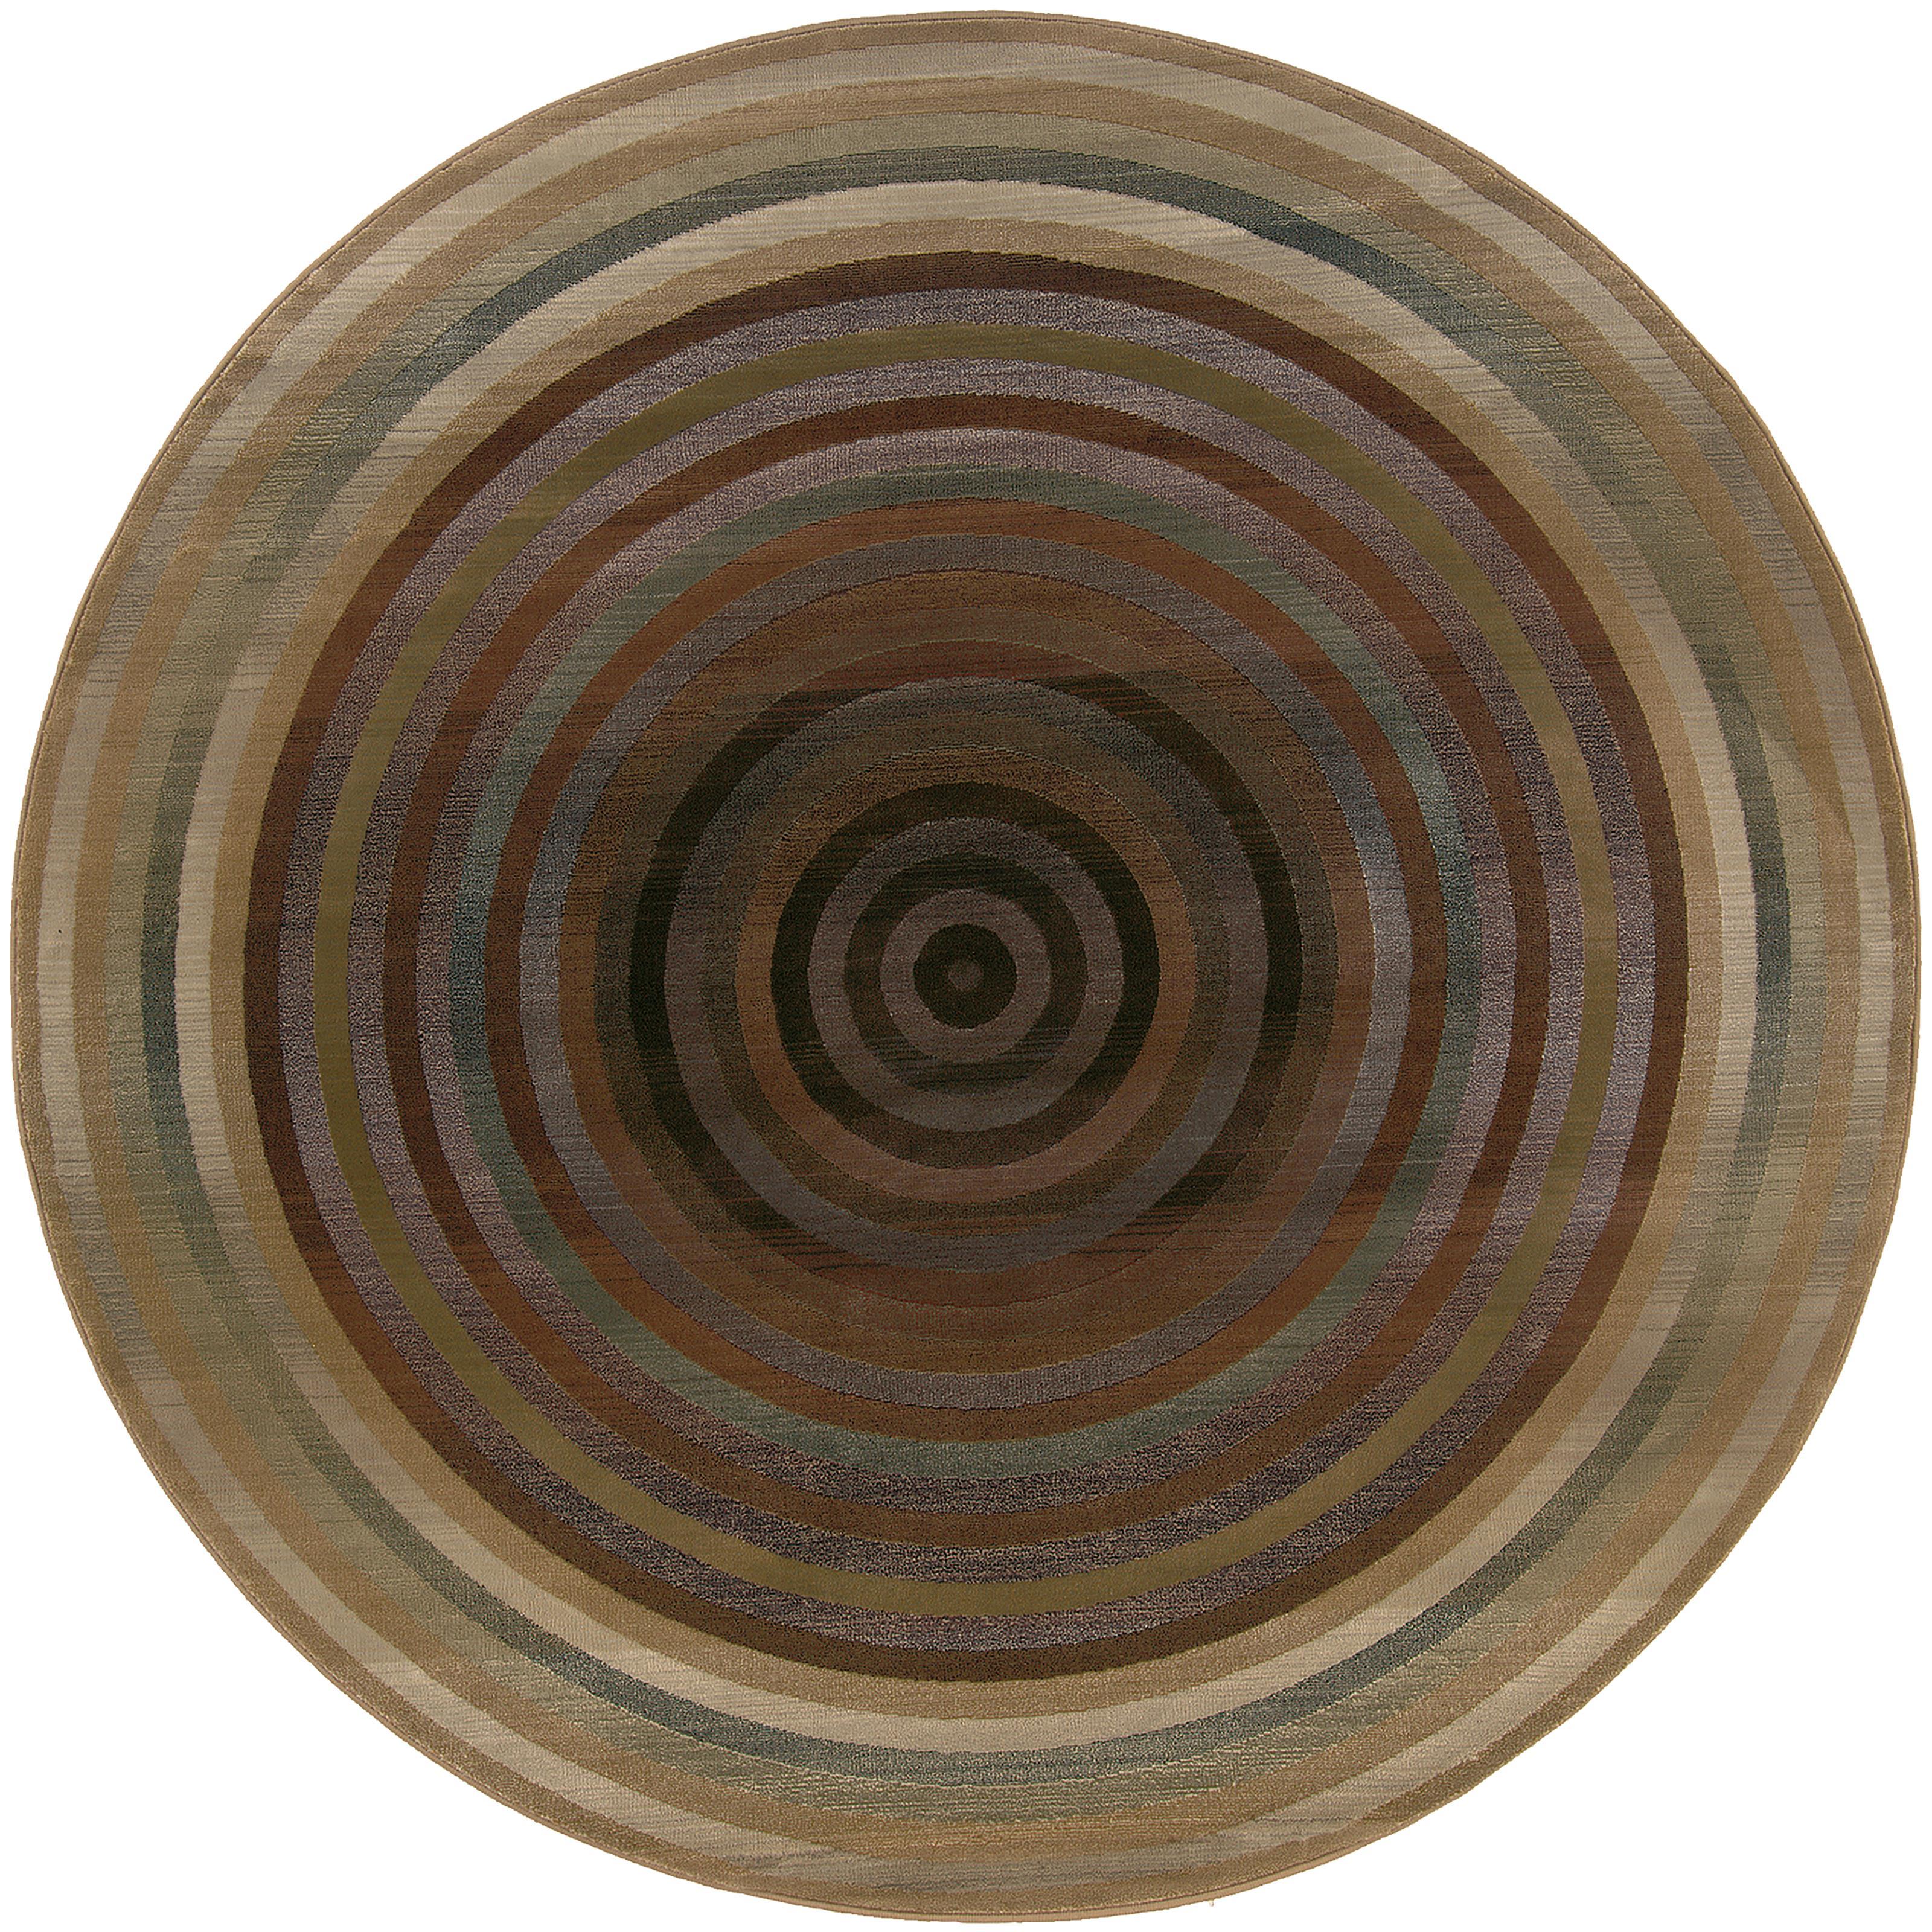 Oriental Weavers Generations 8' Rug - Item Number: G281J2240240ST